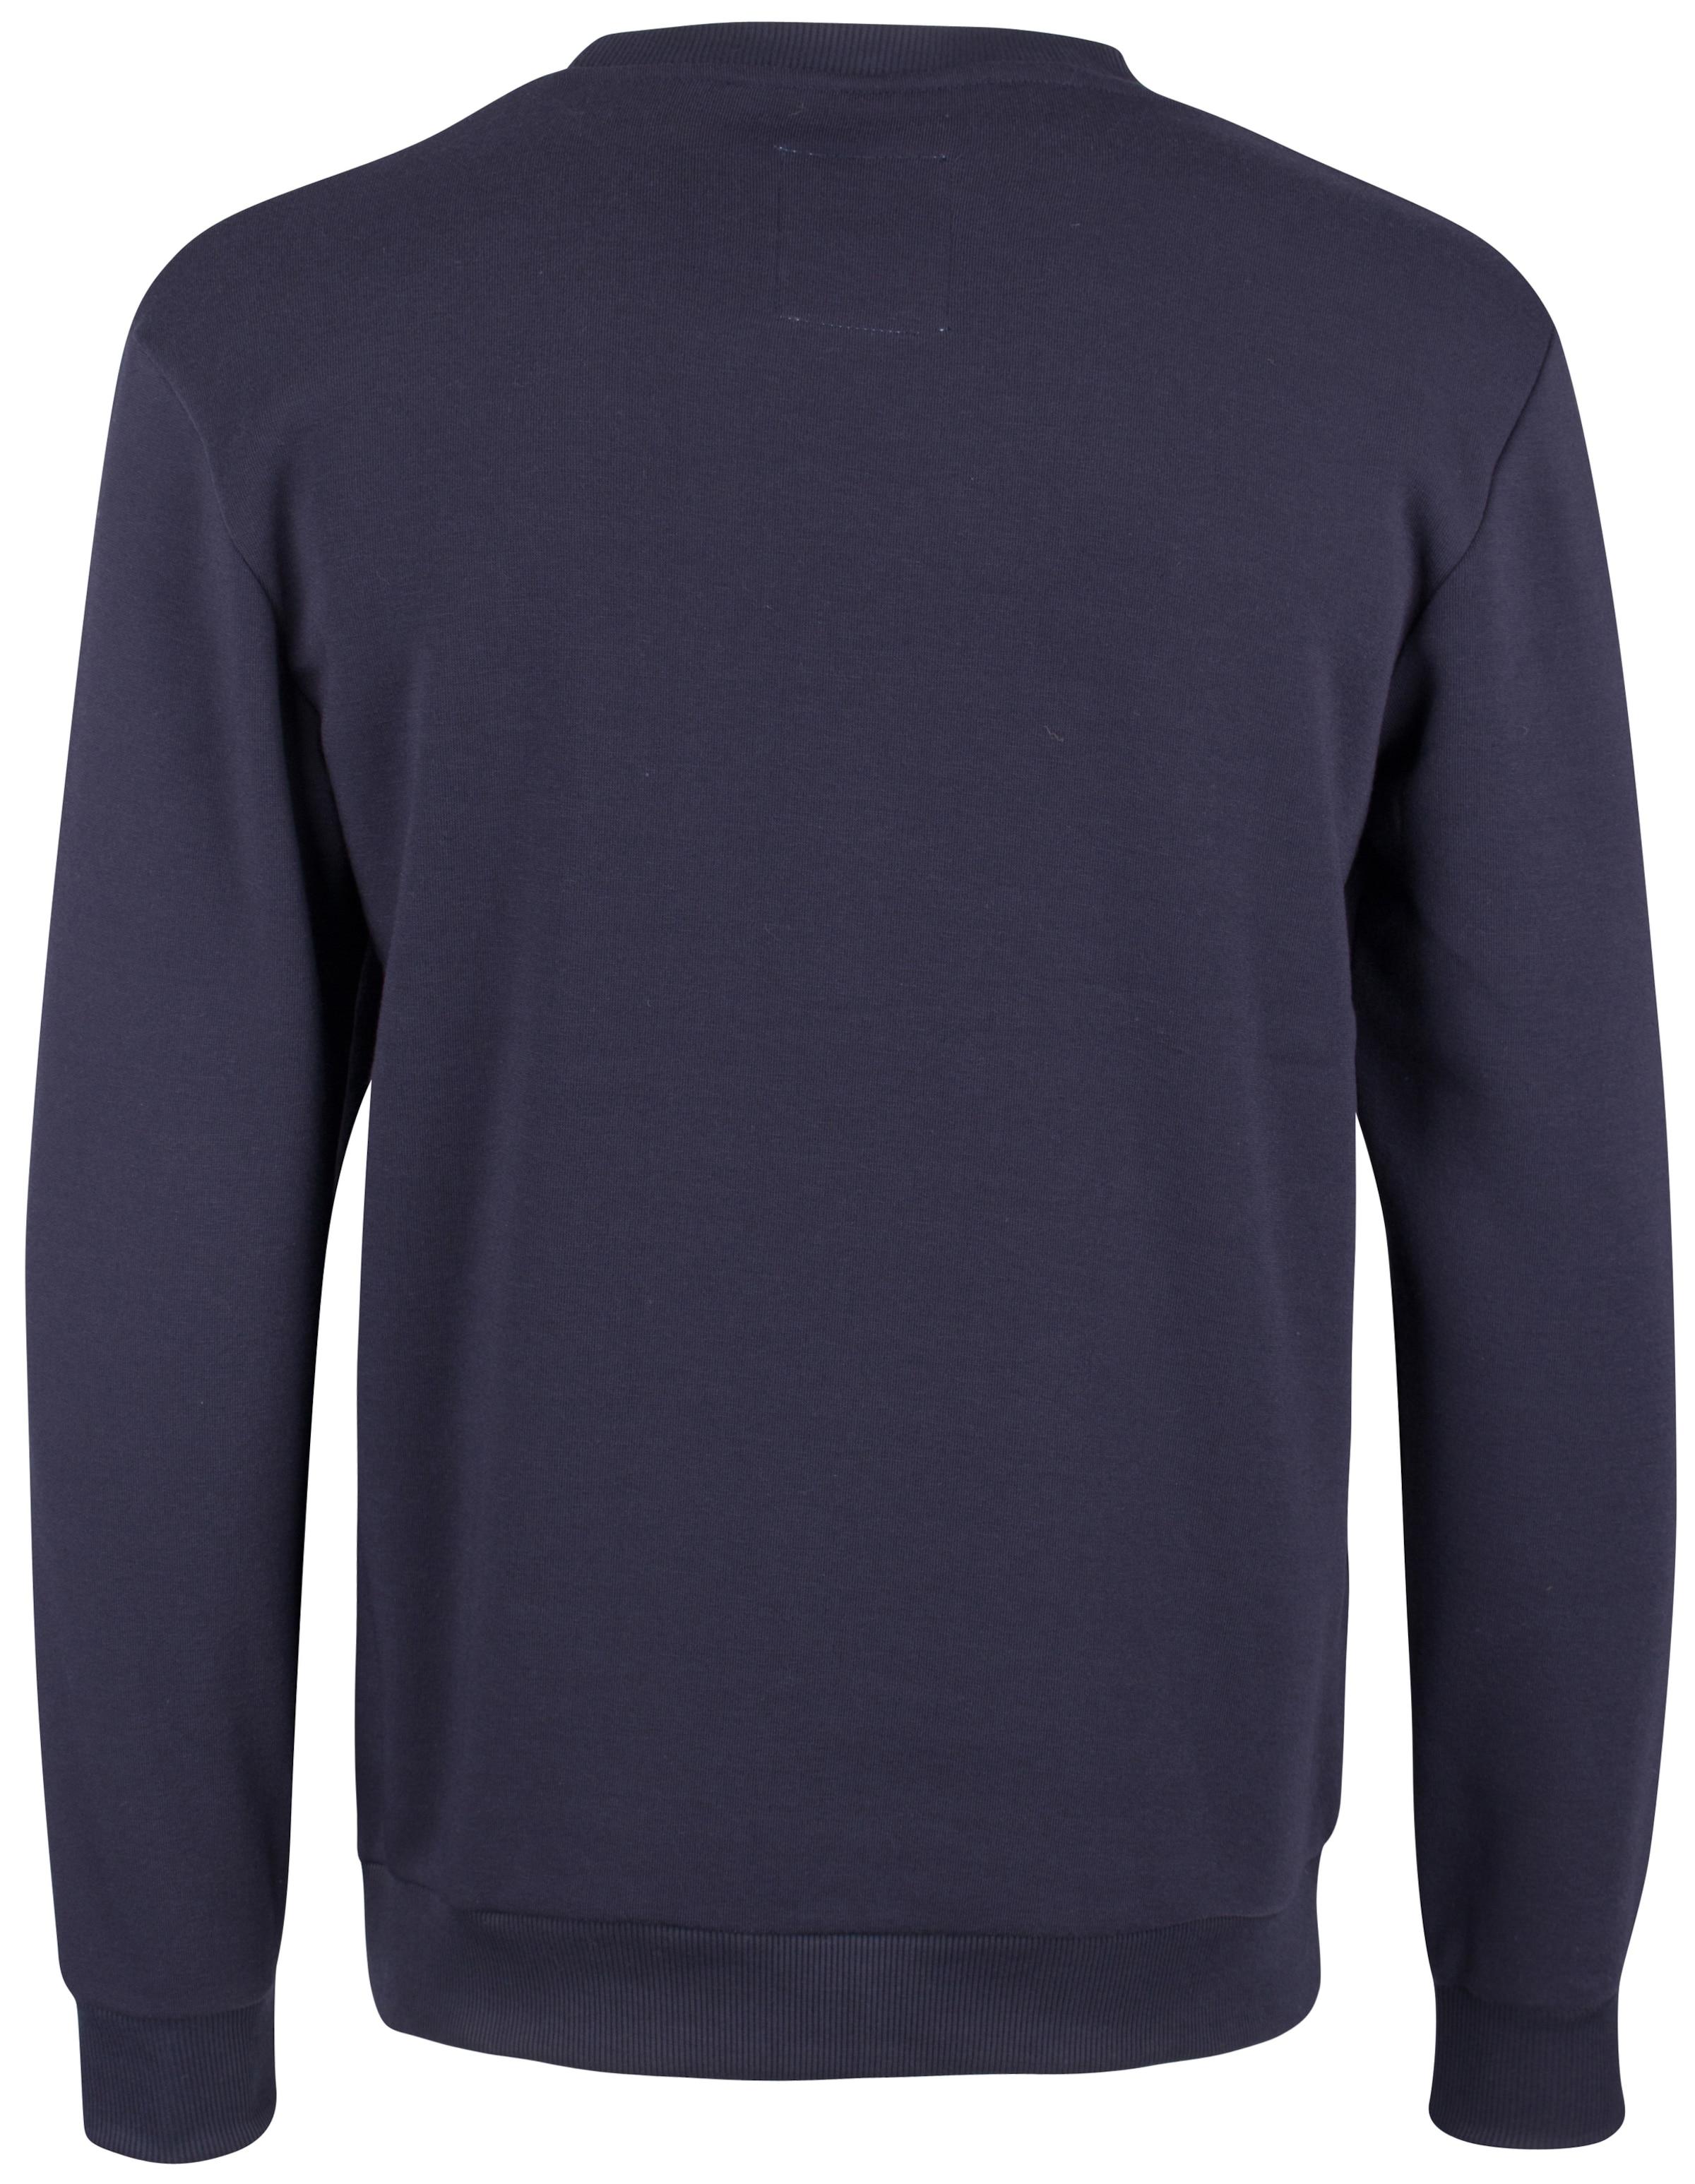 Billig Ausgezeichnet SOULSTAR Pullover Austritt Ansicht Erhalten Günstig Online Kaufen UW4UTIWJu